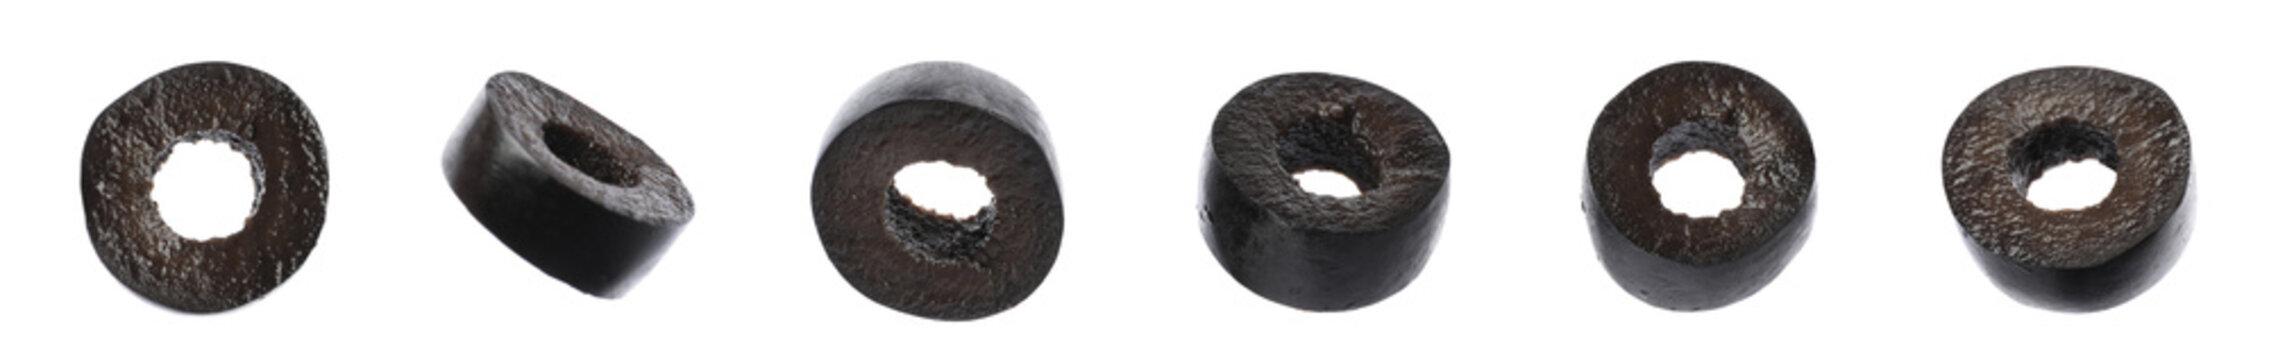 Set of cut black olives on white background. Banner design